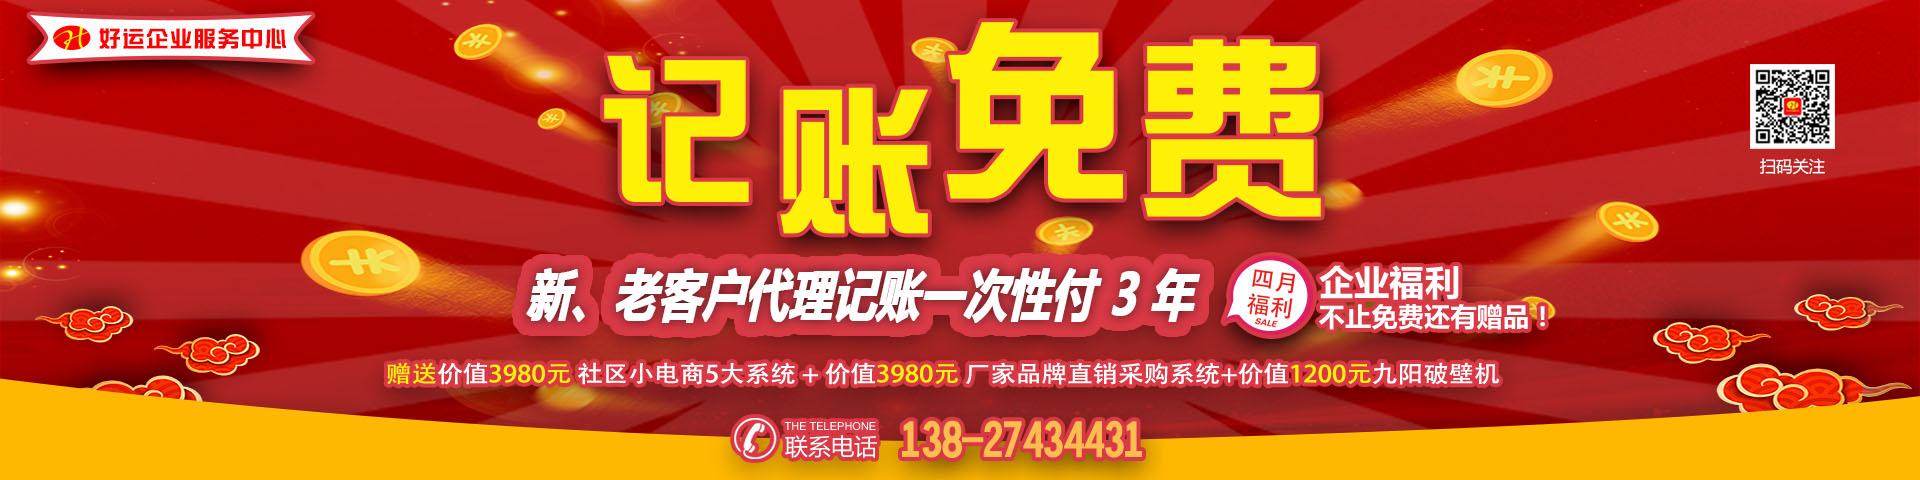 好运企业服务中心,深圳记账公司,深圳记账报税